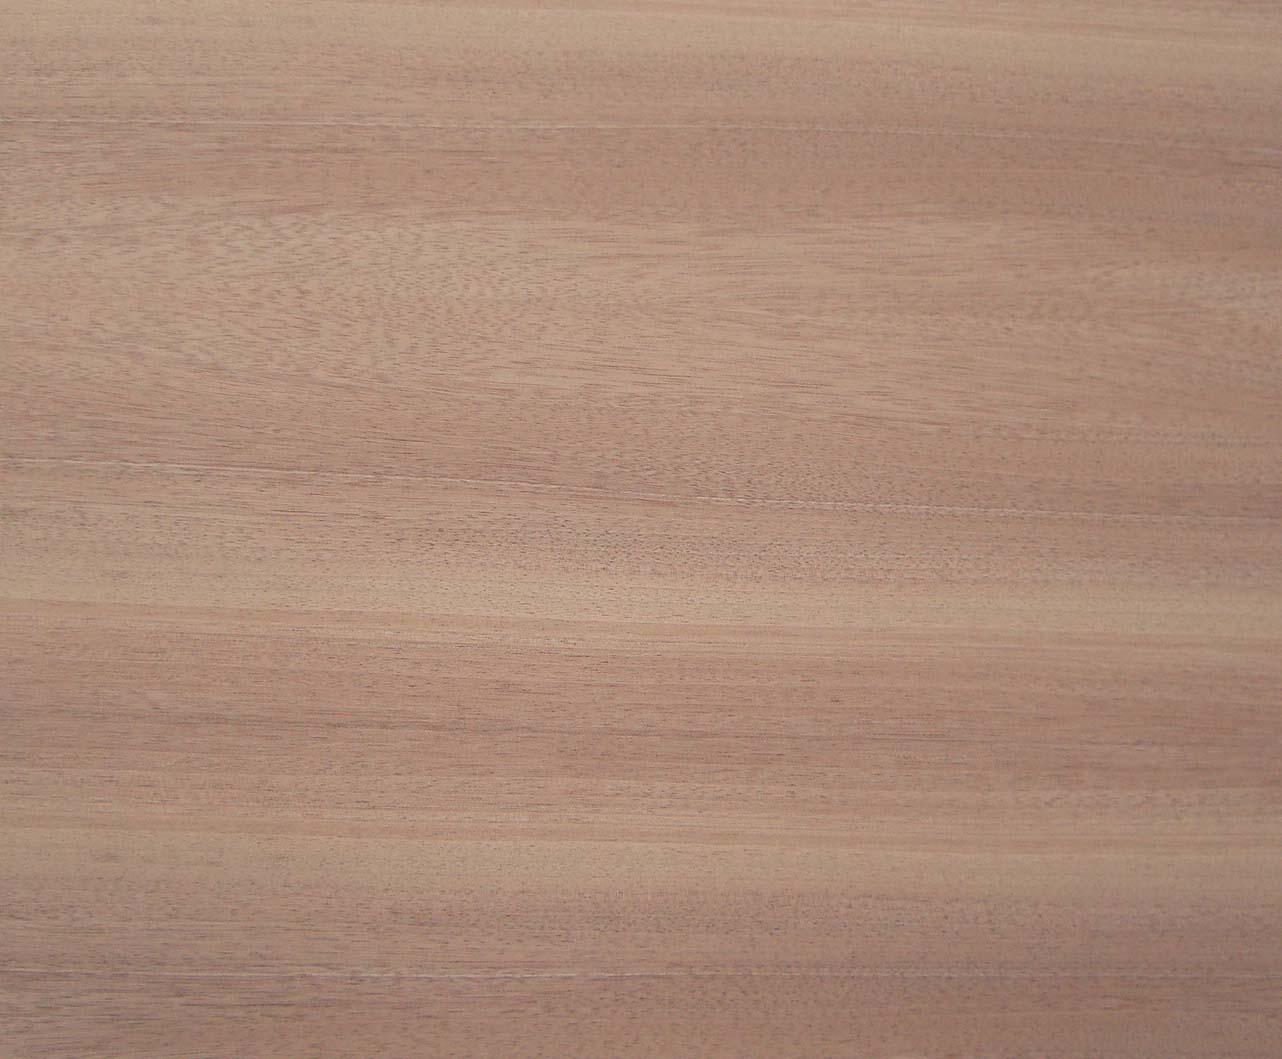 Flexible Sapele Wood Veneer Vale Veneers